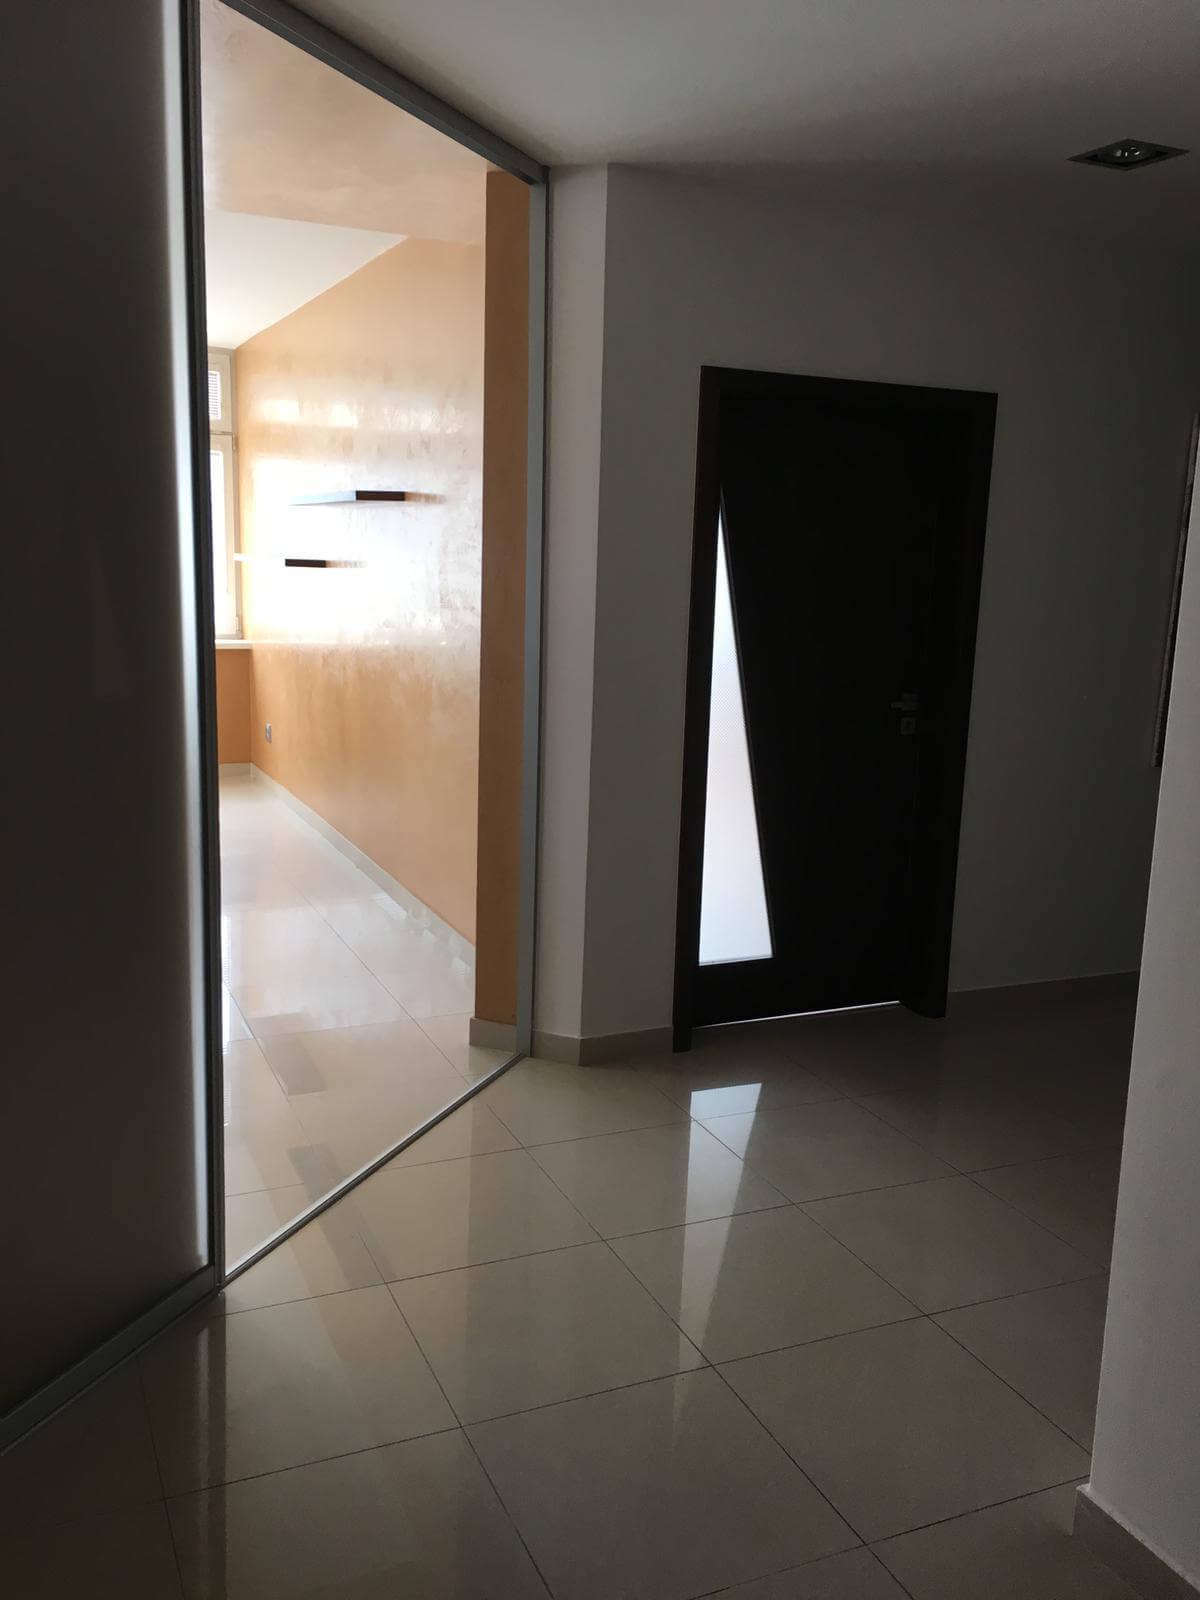 Prenajate: Prenájom 4 izbového luxusného bytu, Pri Slavíne, novostavba, 2x parkovanie, Boženy Nemcovej, Centrum-7